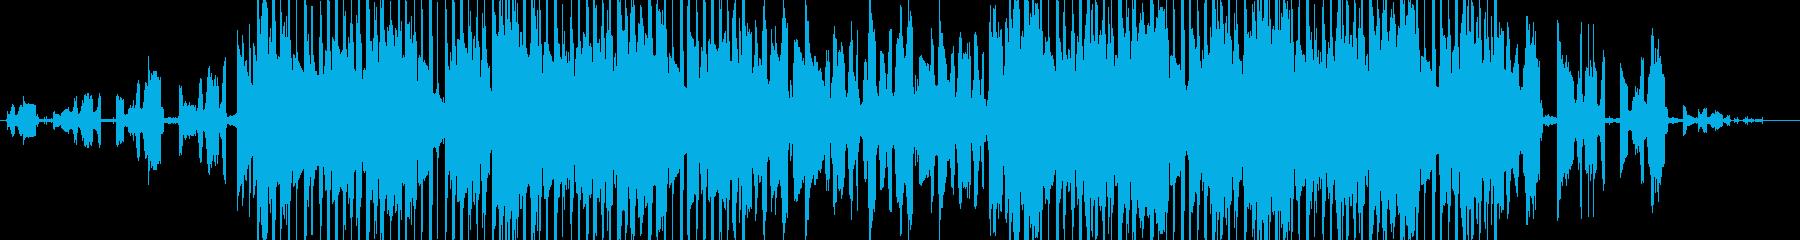 レトロなサウンド、ゆったりヒップホップの再生済みの波形